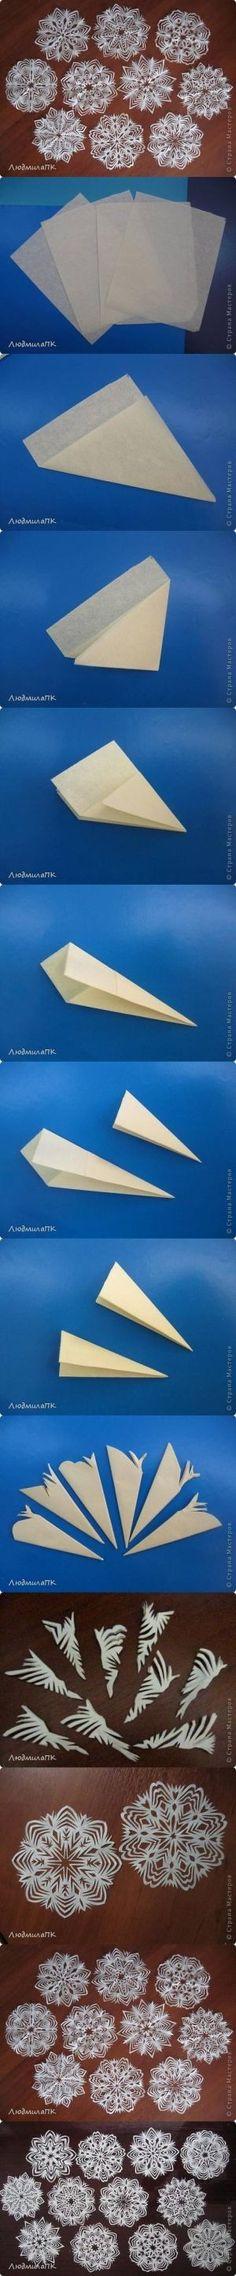 DIY Making Paper Snowflake Method DIY Making Paper Snowflake Method by diyforever